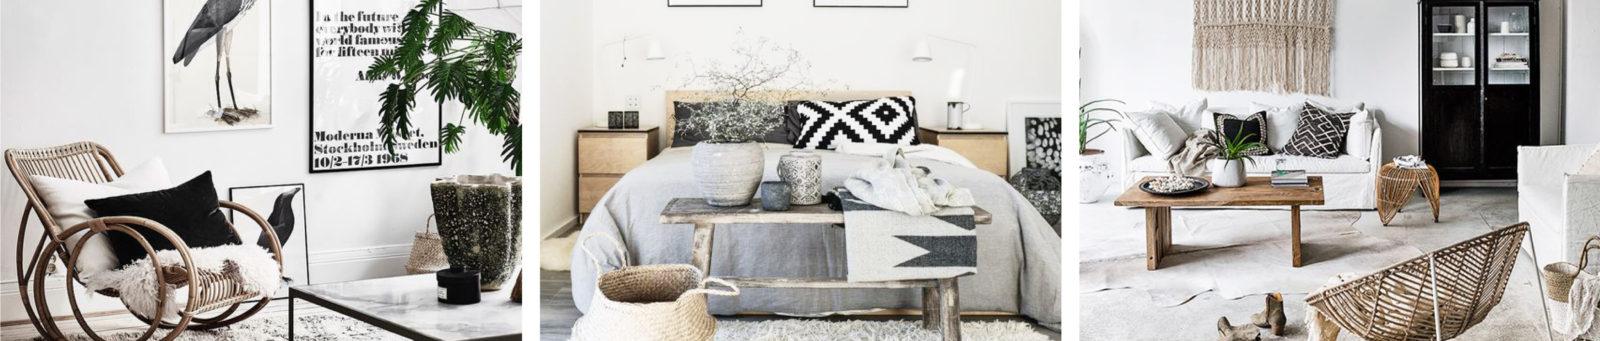 comment r ussir sa d coration ethnique et chic conseils. Black Bedroom Furniture Sets. Home Design Ideas